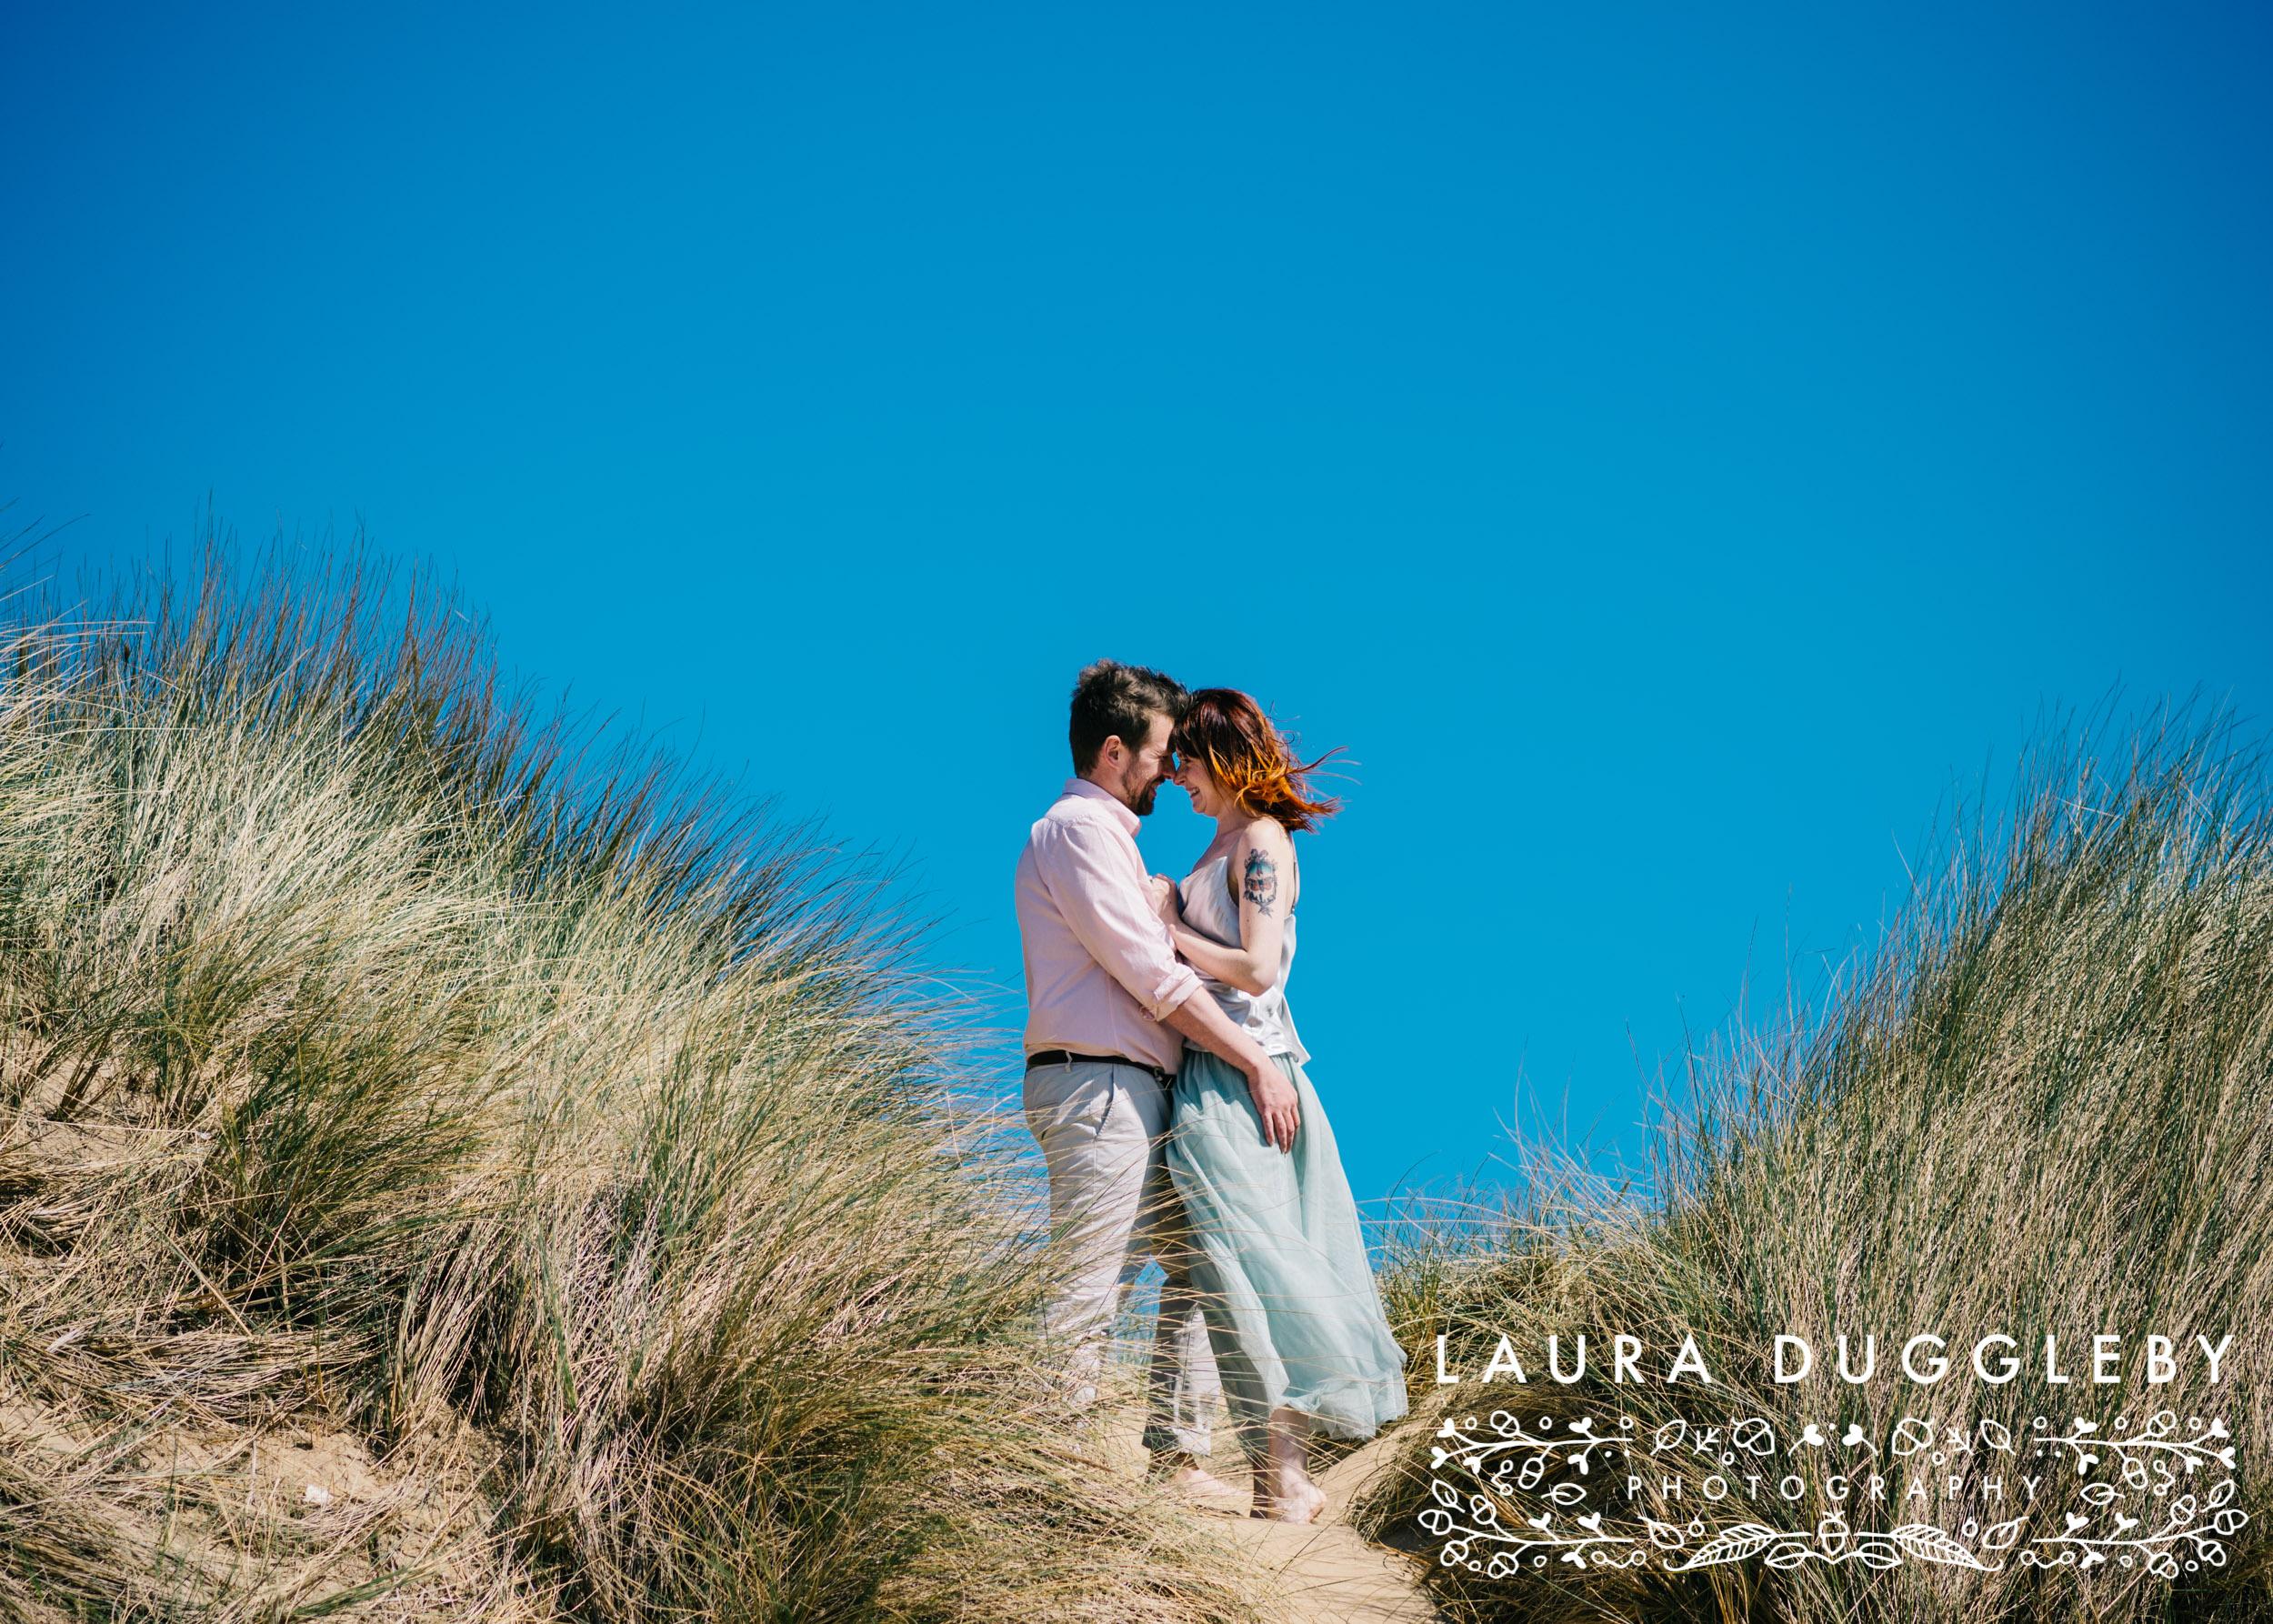 Lancashire Wedding Photographer Engagement Shoots